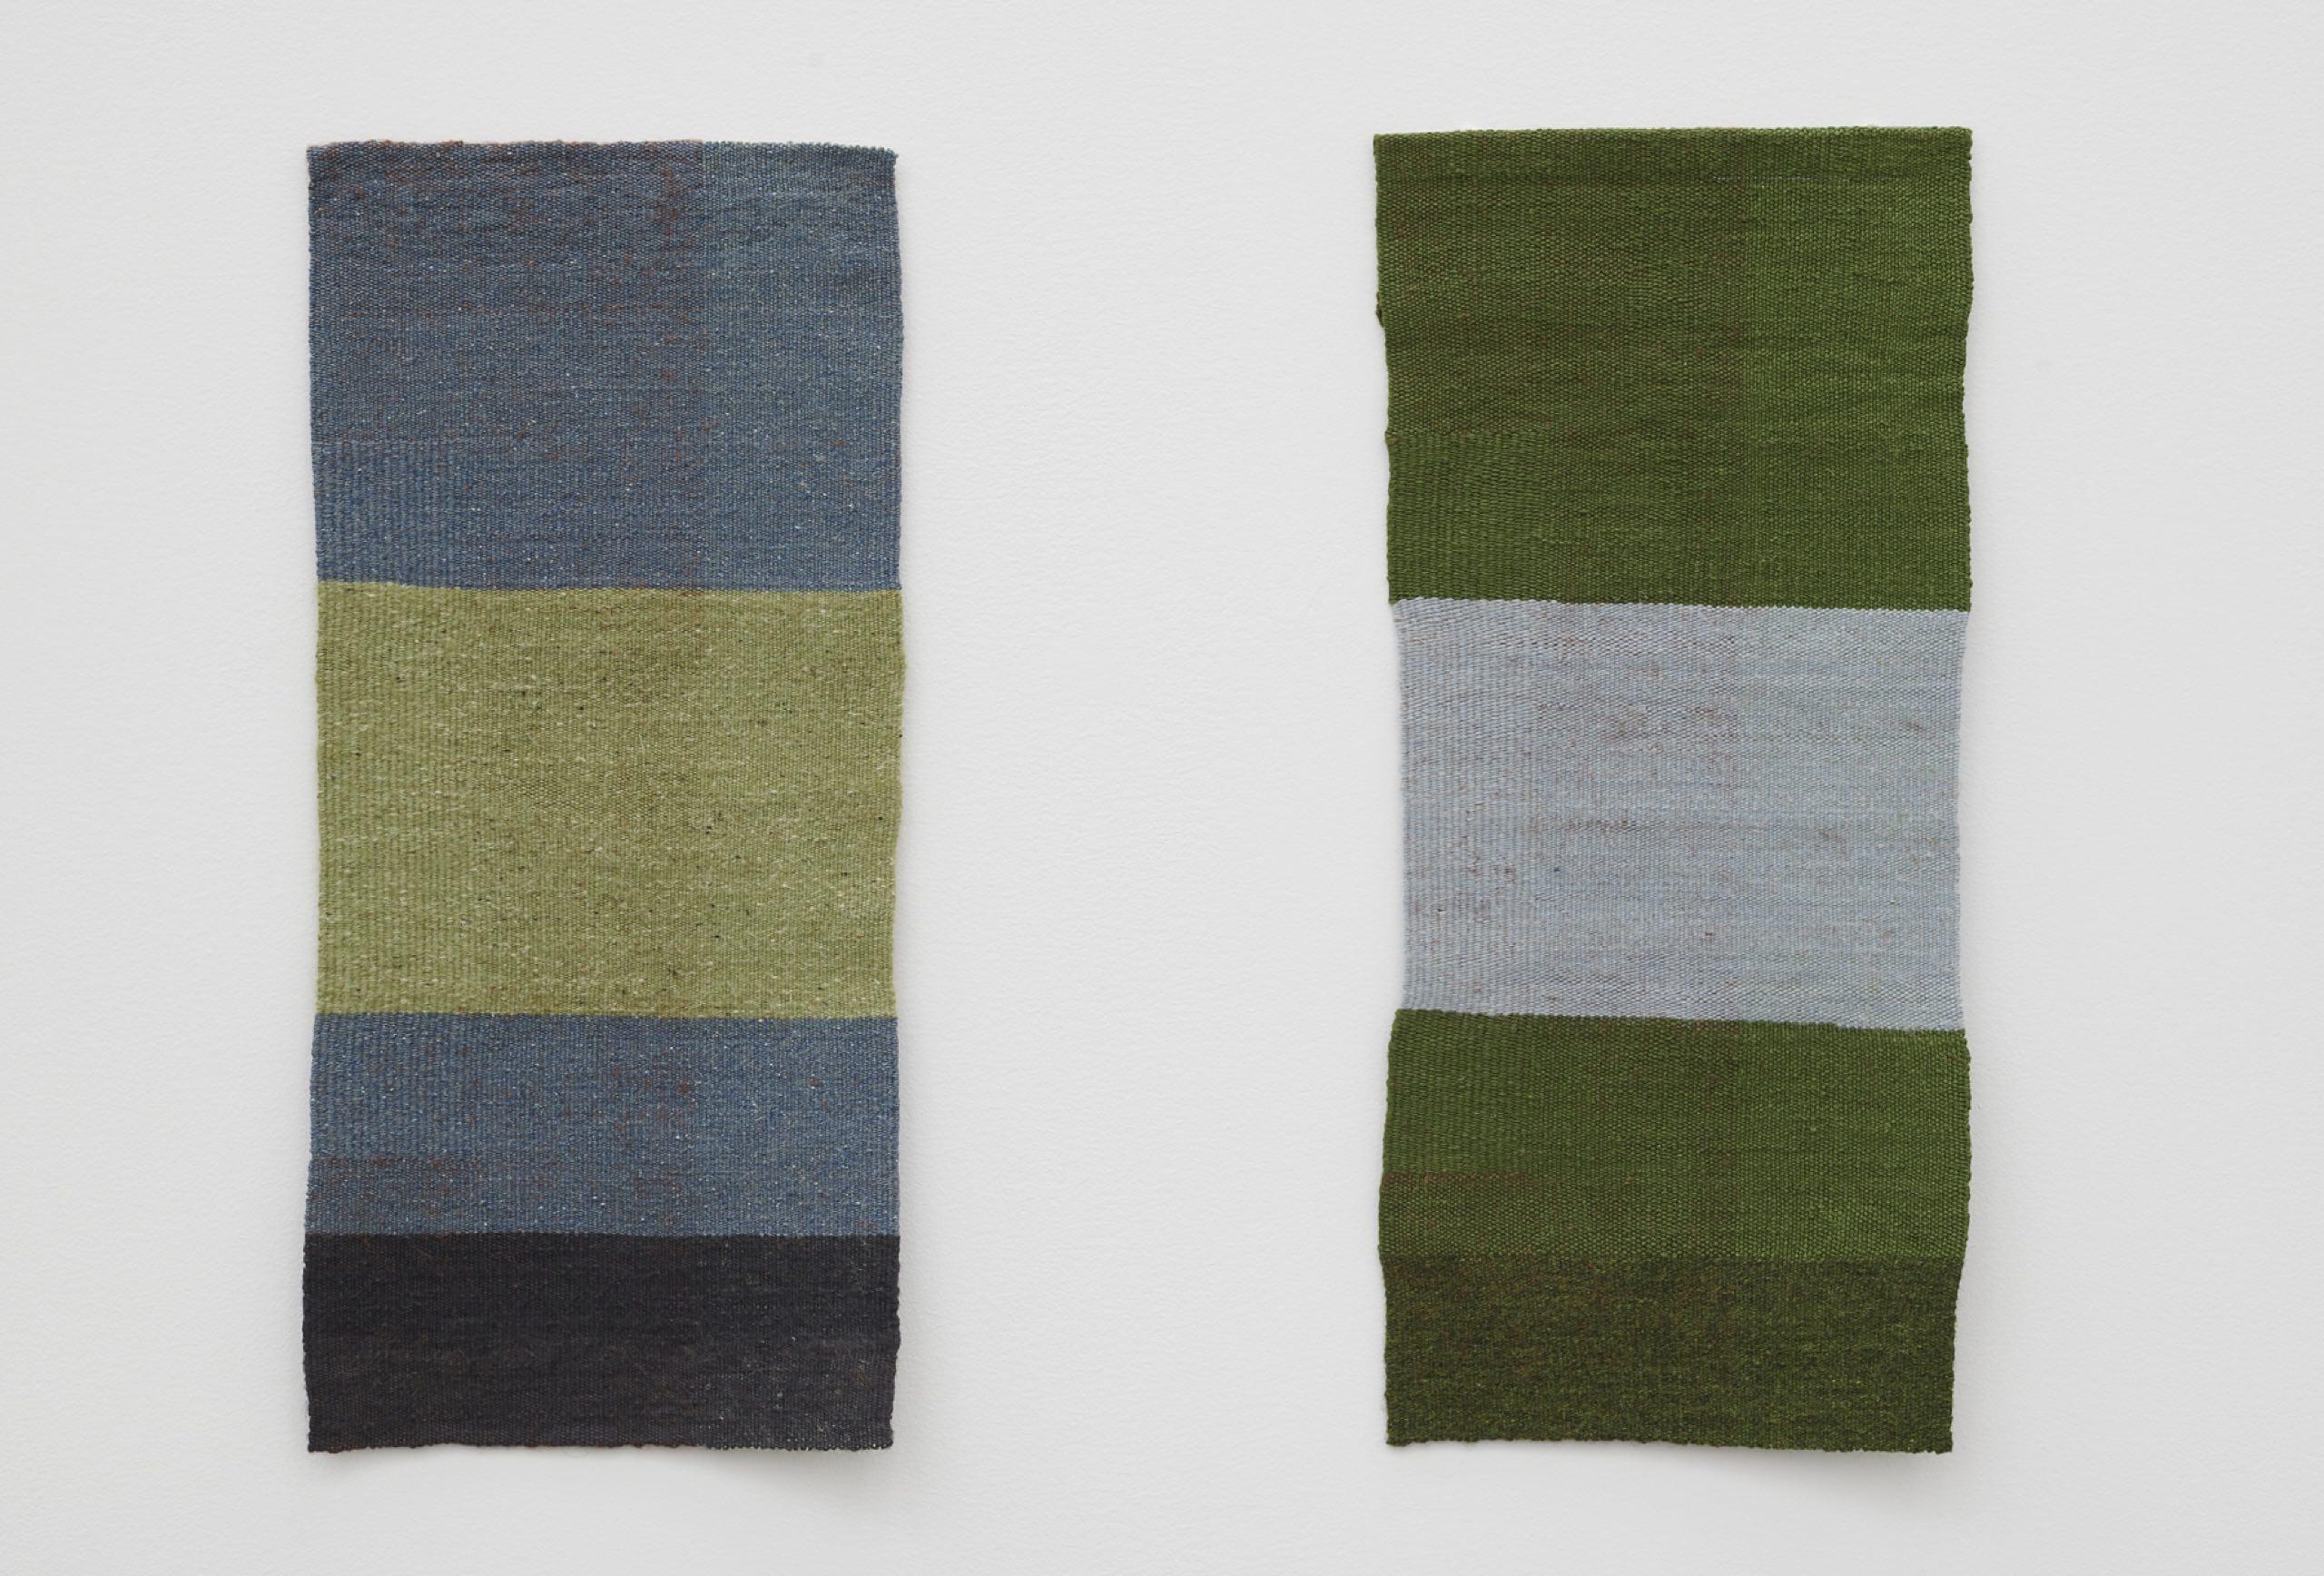 Helen Mirra, May, April, 2017/2019, Linen, silk, wool